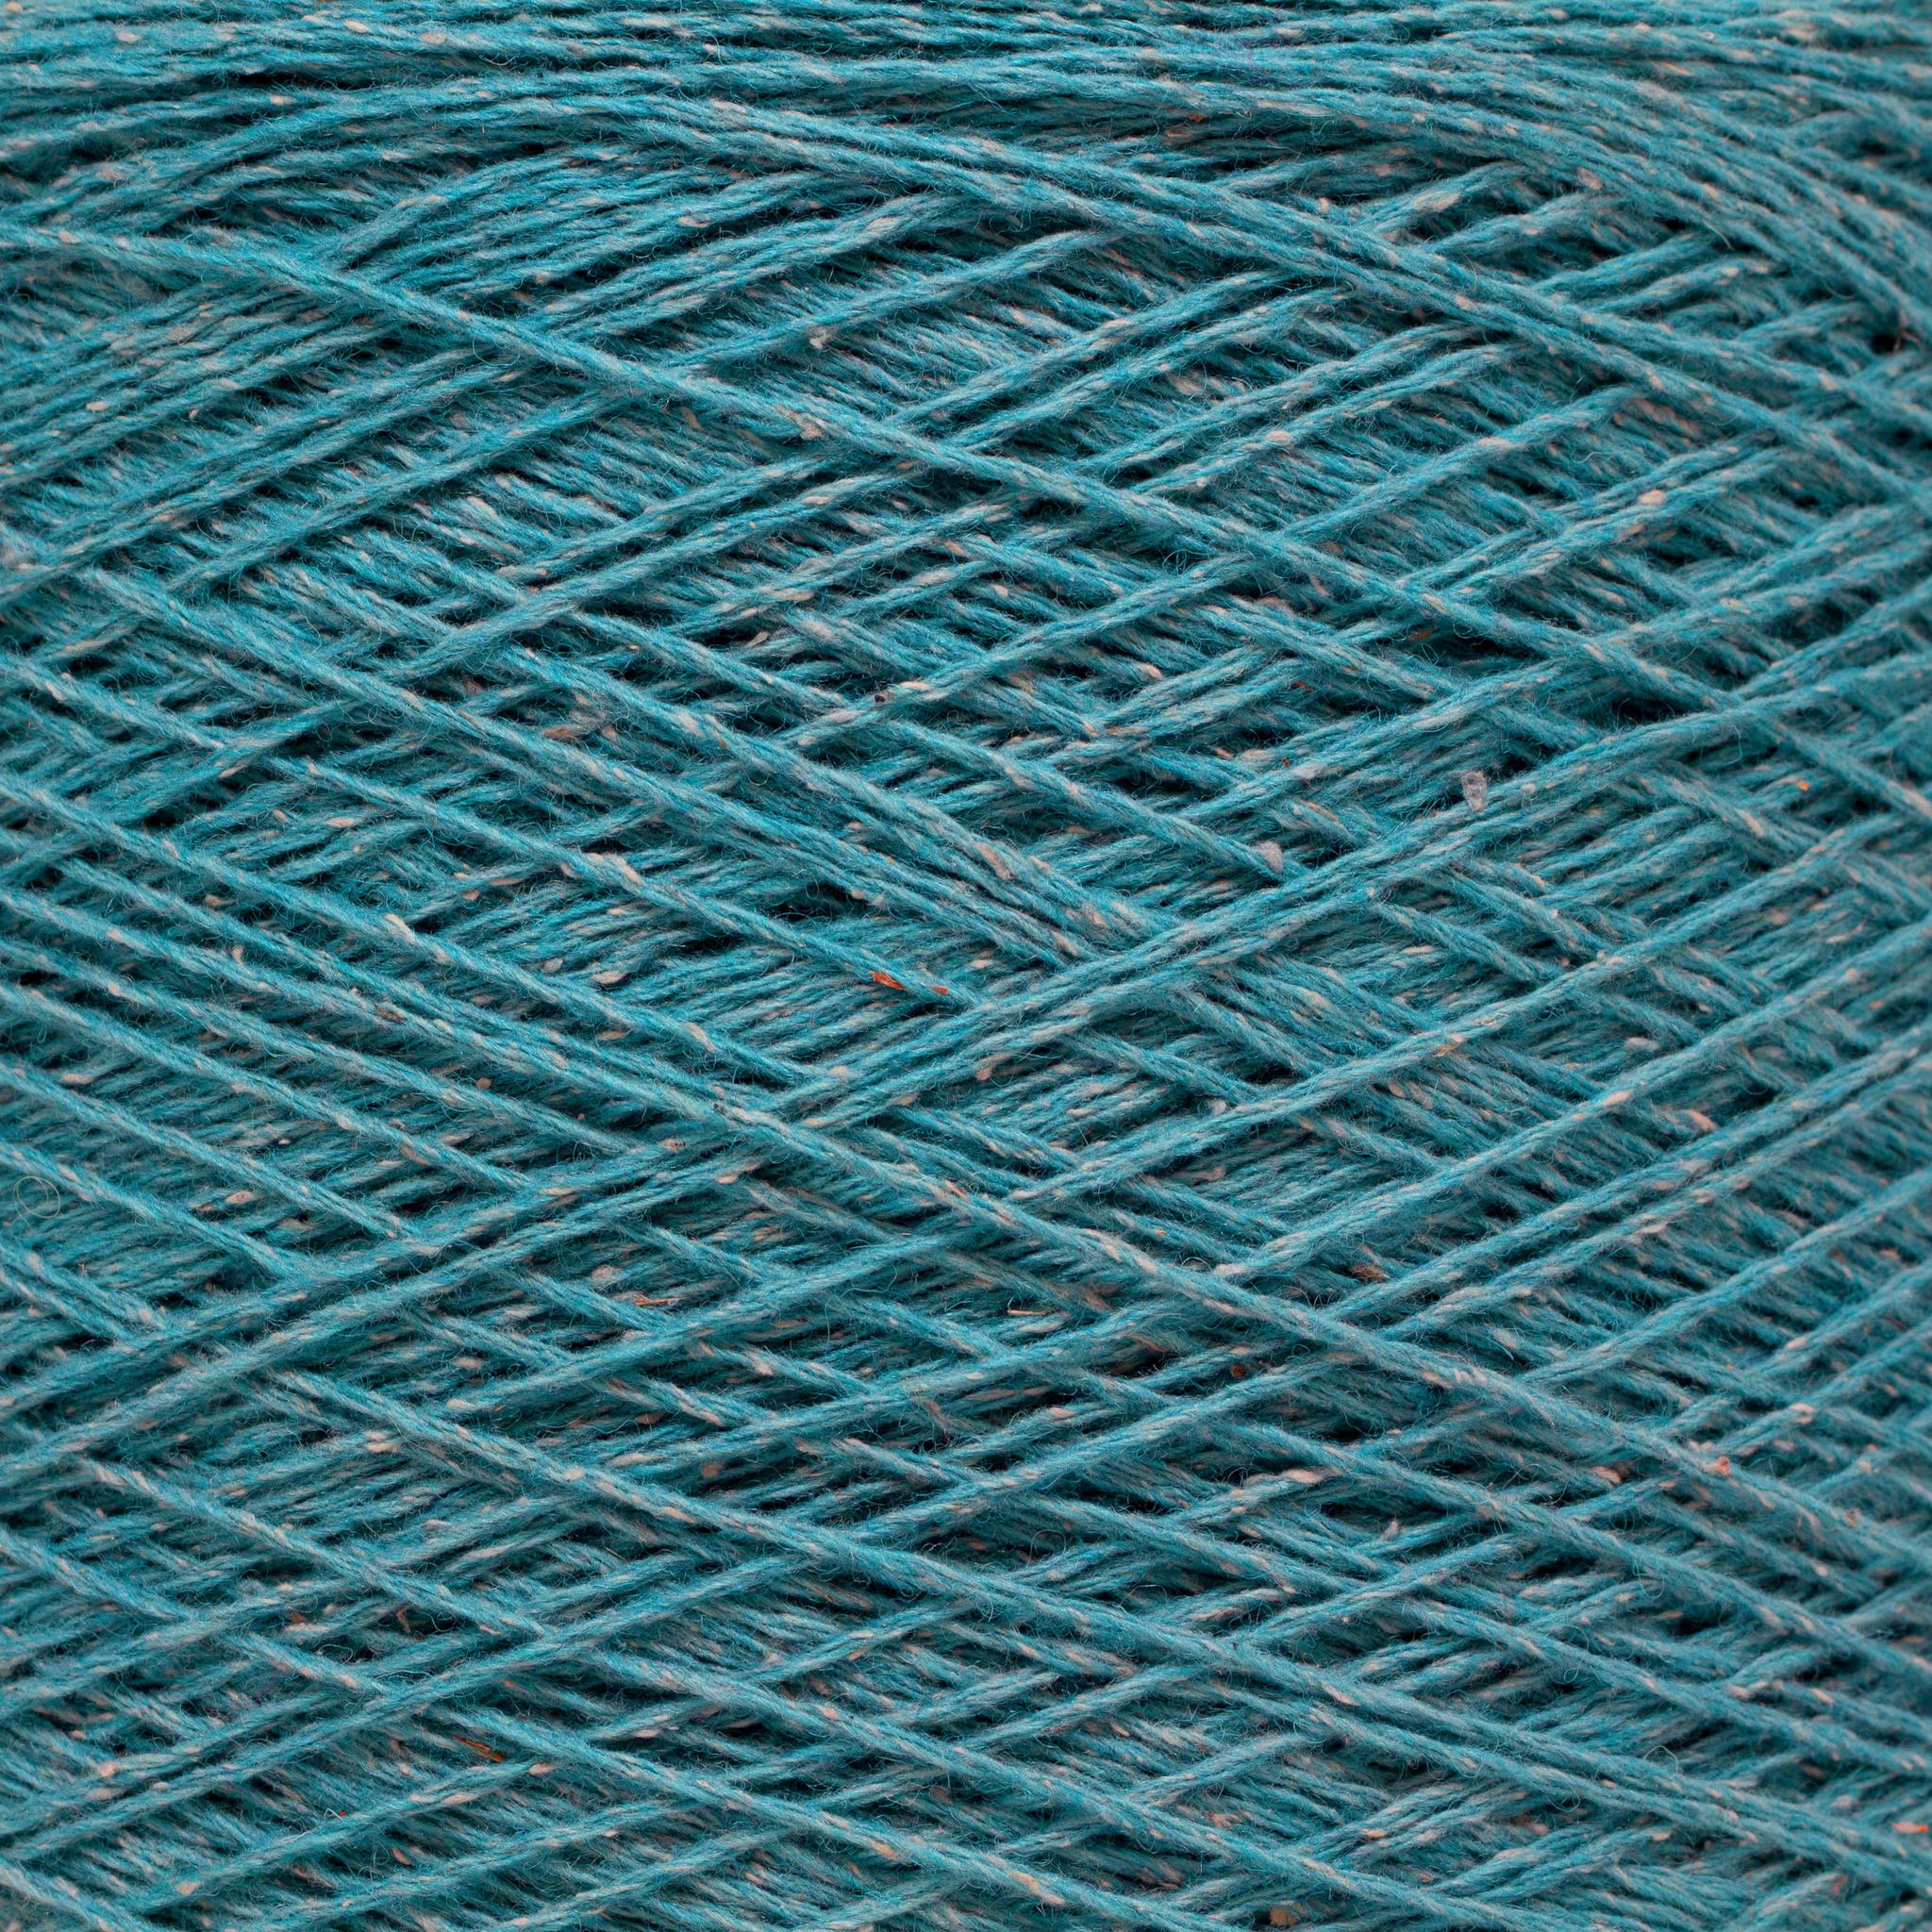 Knoll Yarns Samarkand (двойной) - 058